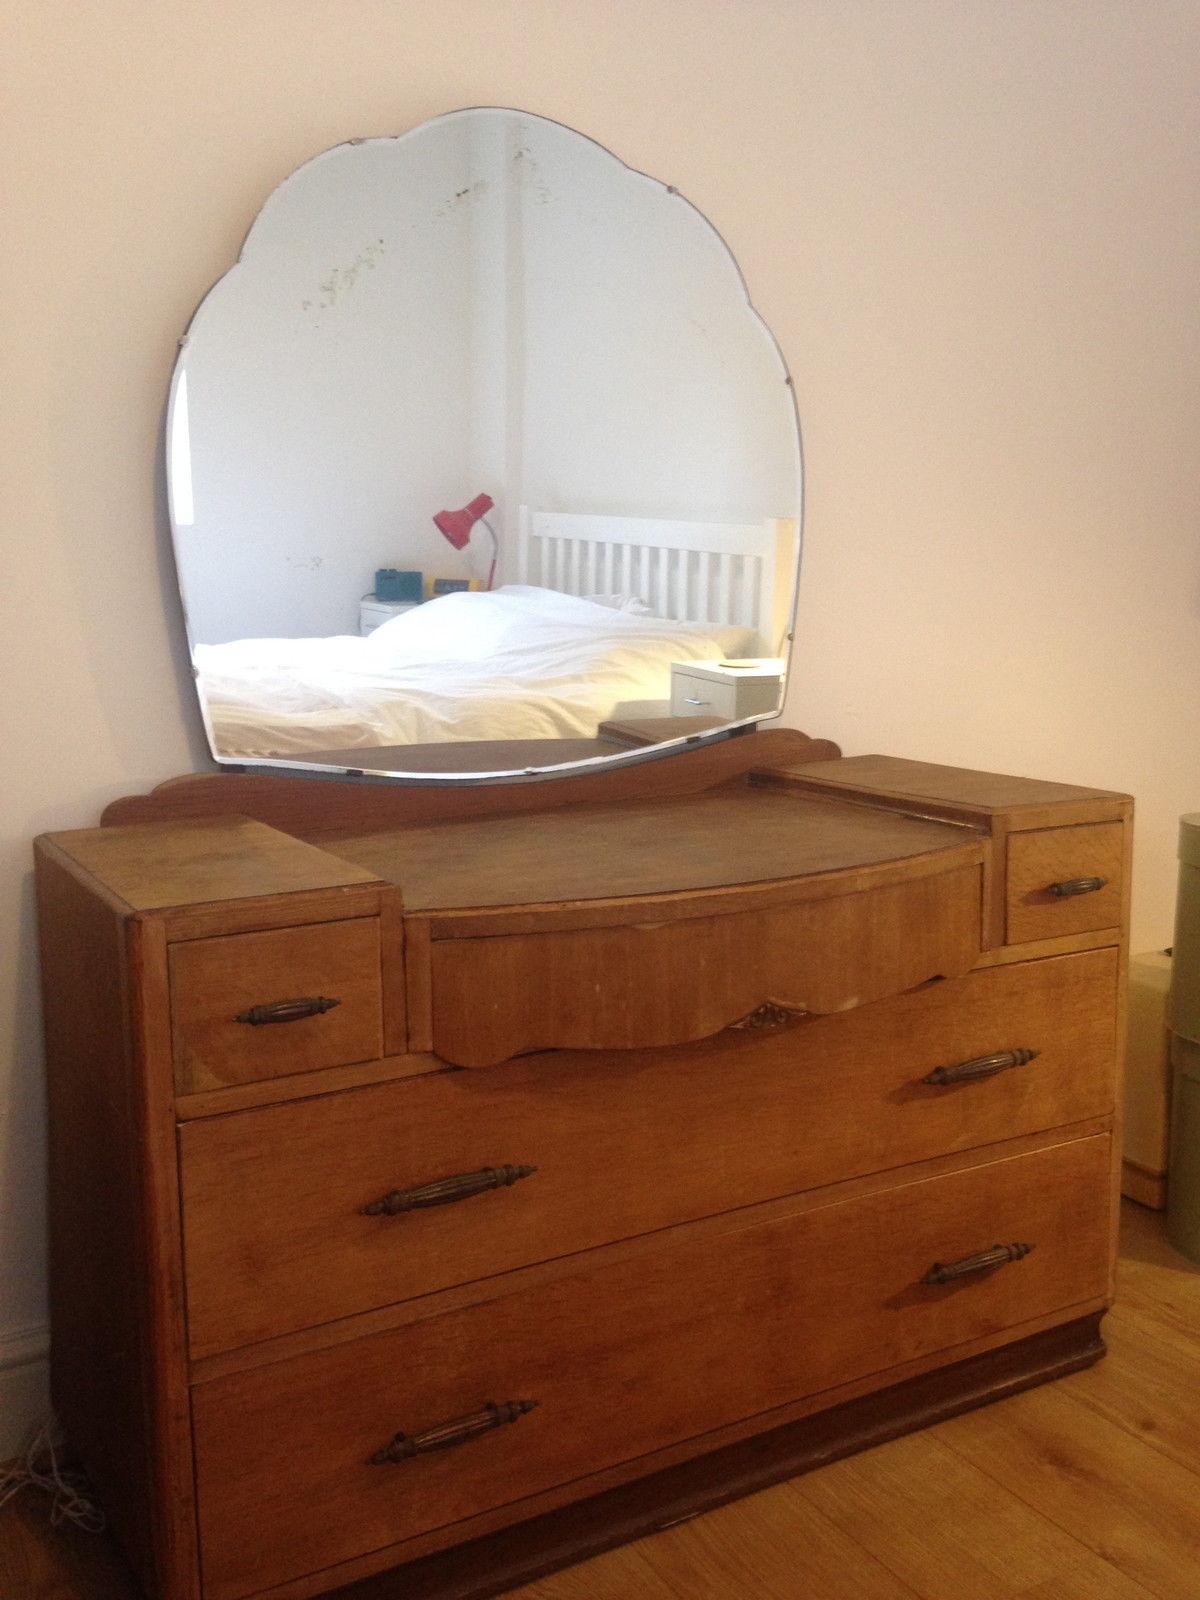 Preciously Me blog : Dresser makeover